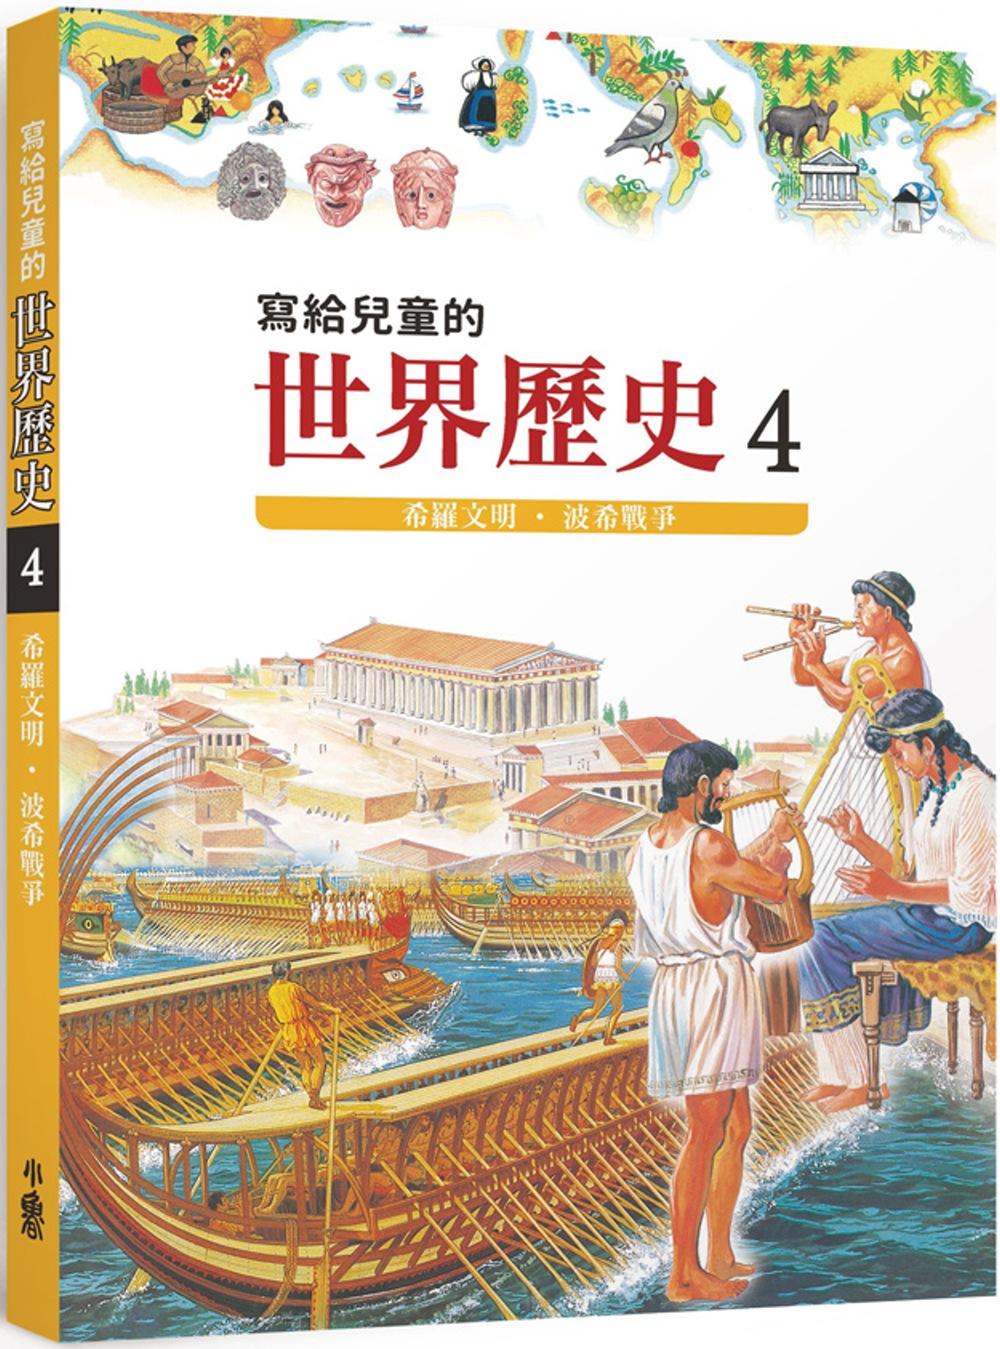 寫給兒童的世界歷史4:希羅文明...